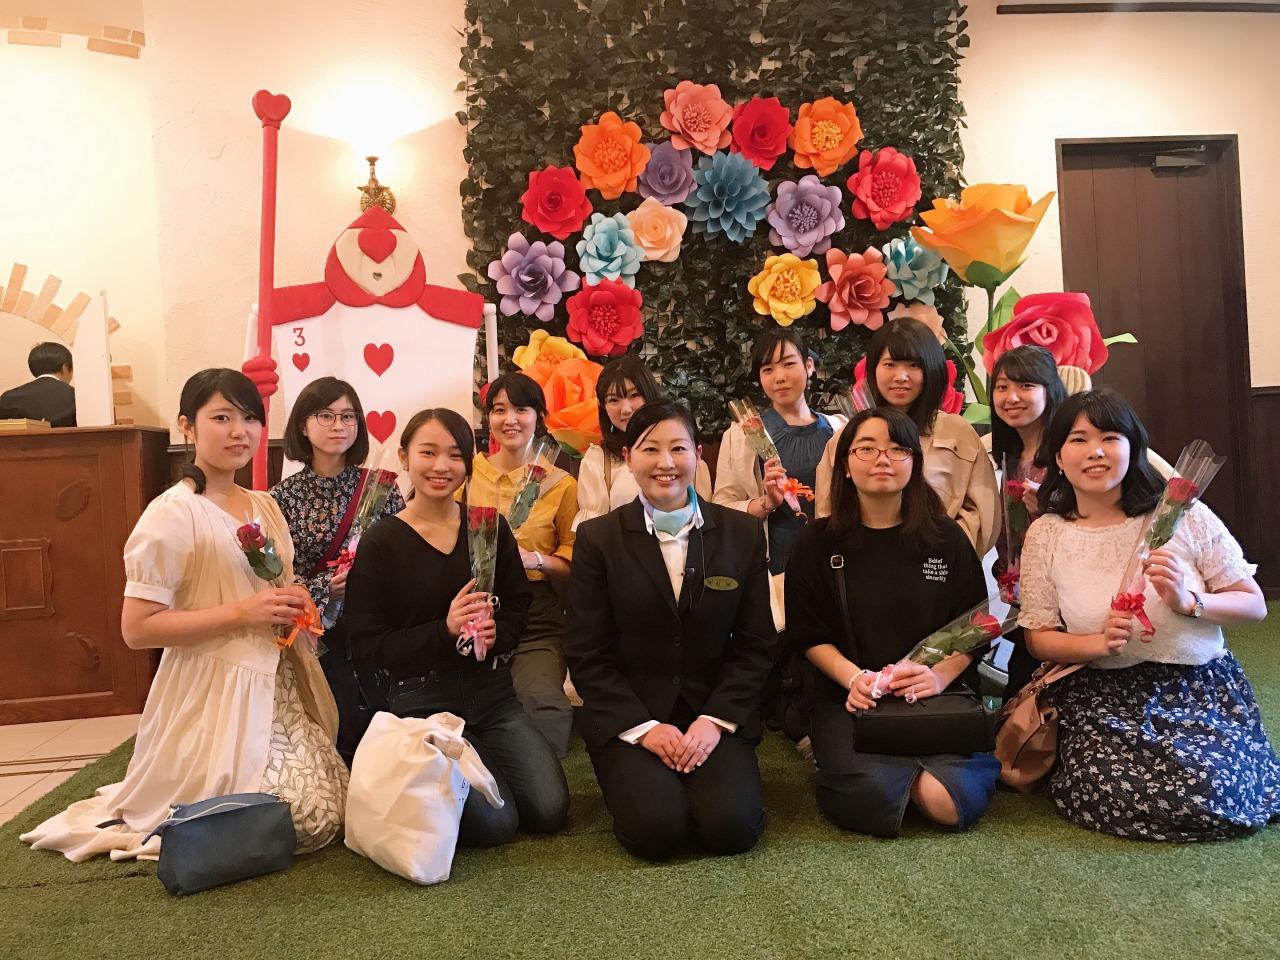 【ホテル&ブライダル研究会】結婚式場の見学会